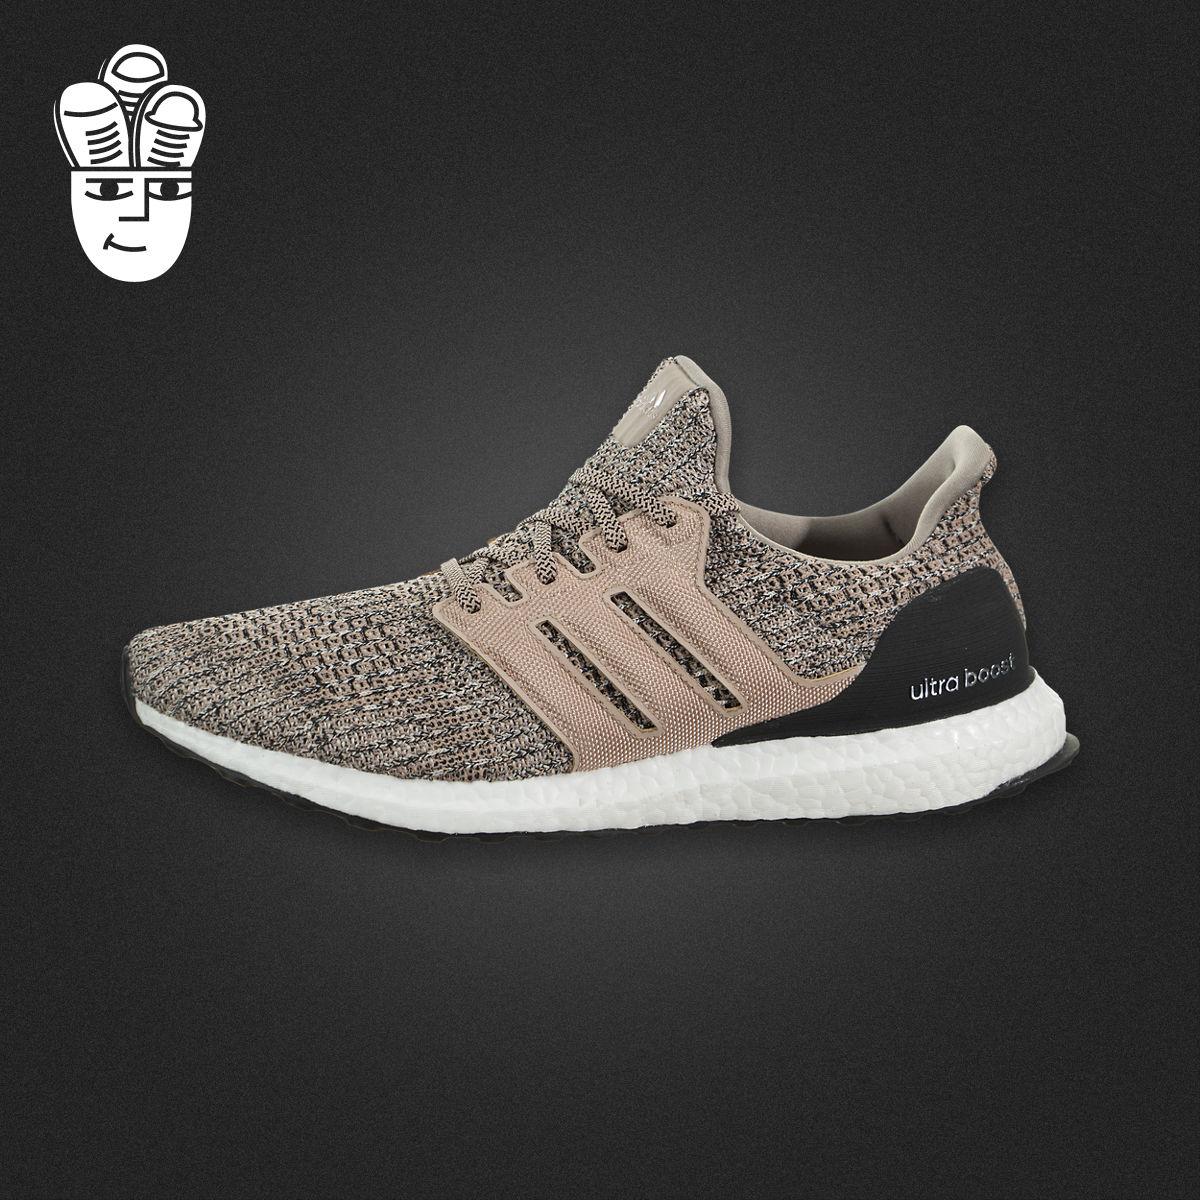 Adidas Ultra Boost 阿迪达斯男鞋 轻量透气跑步鞋 运动休闲鞋